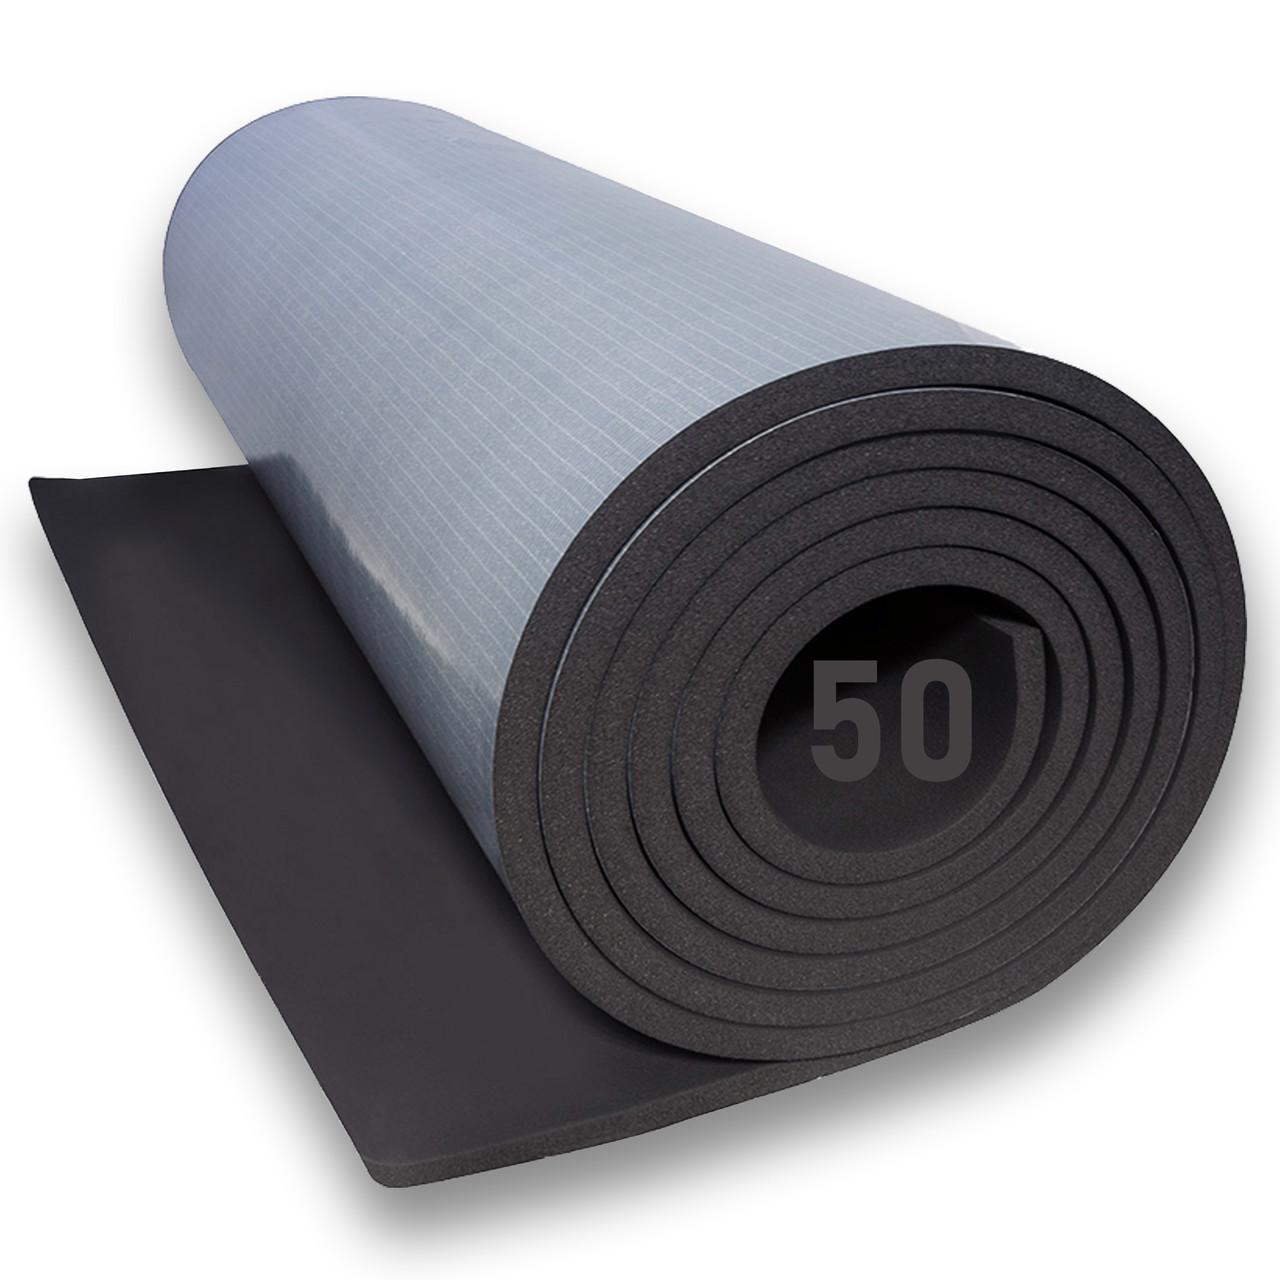 Вспененный каучук 50 мм самоклеющийся (утеплитель, шумоизоляция)